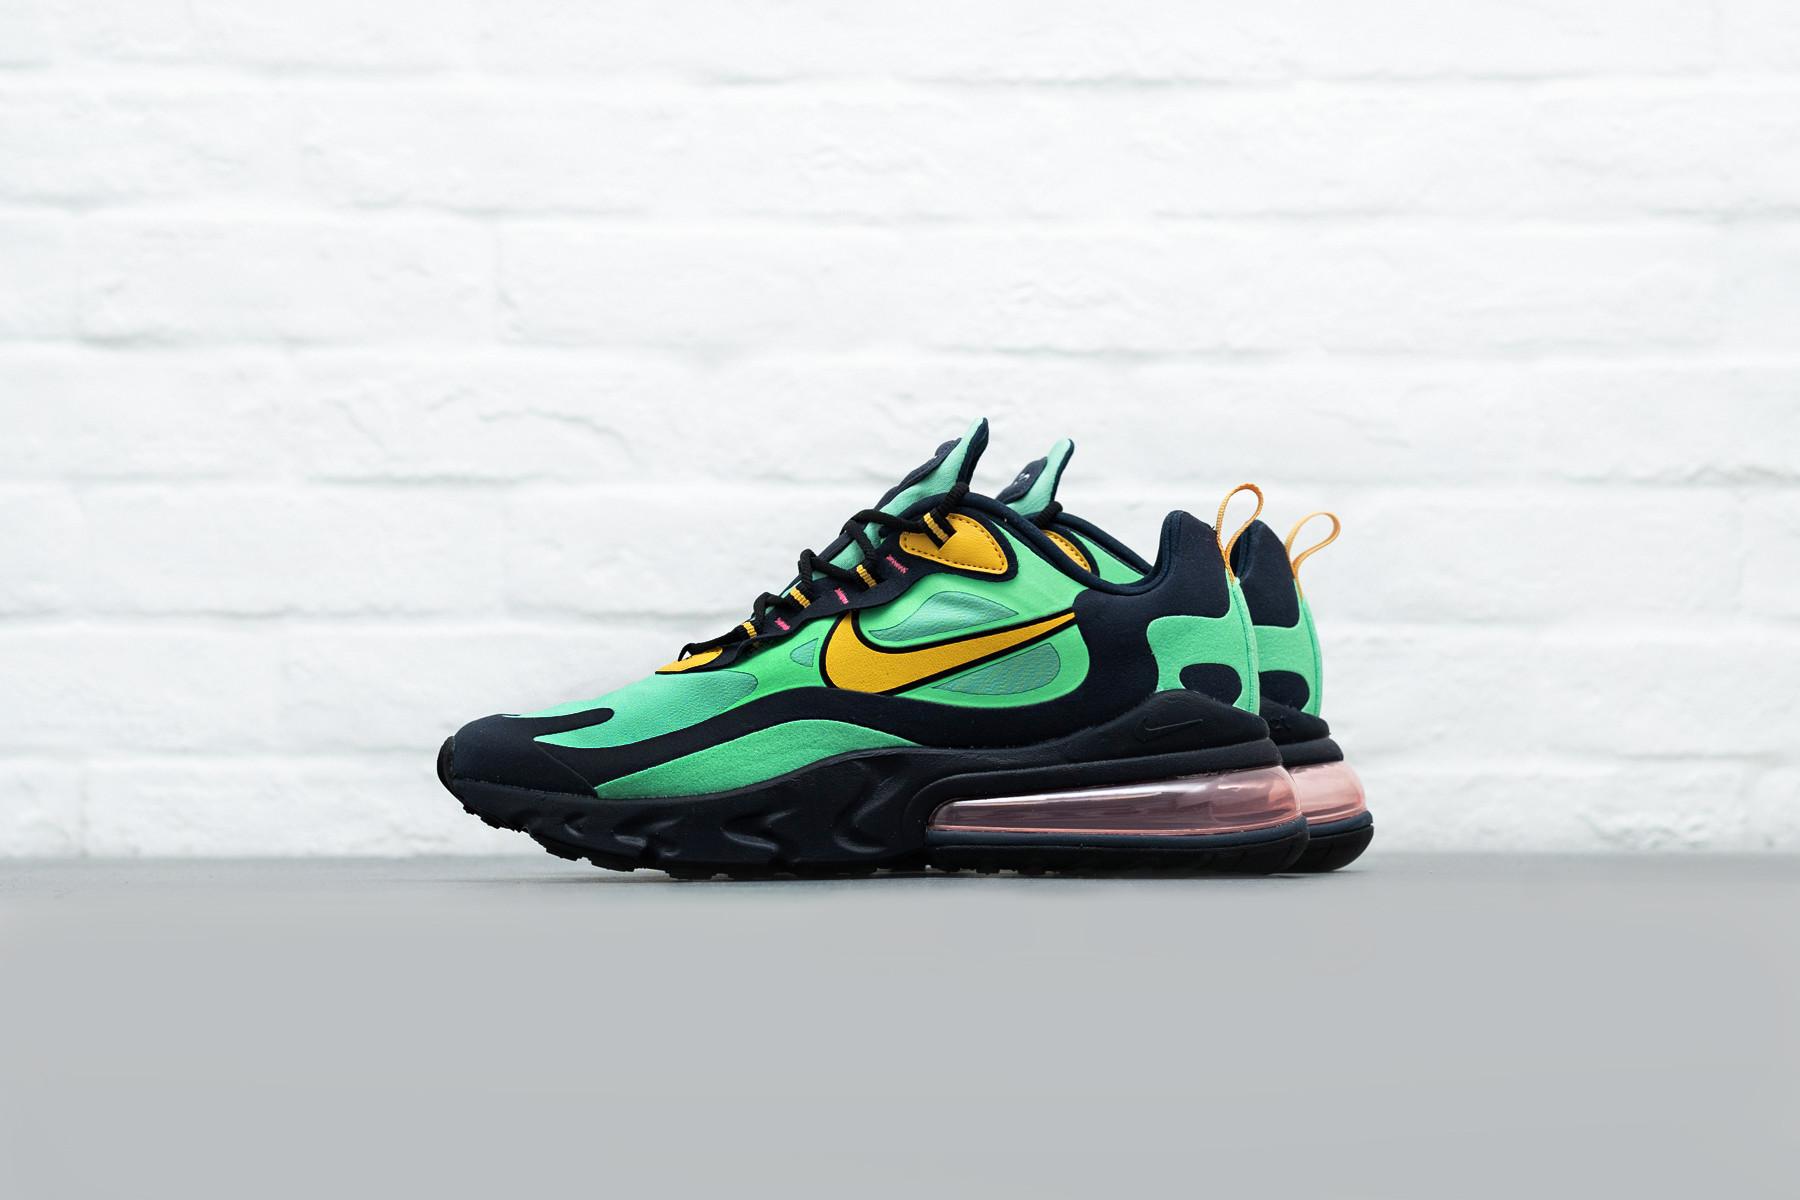 Nike Air Max React 270 | Sesongens nyheter fra Nike finner